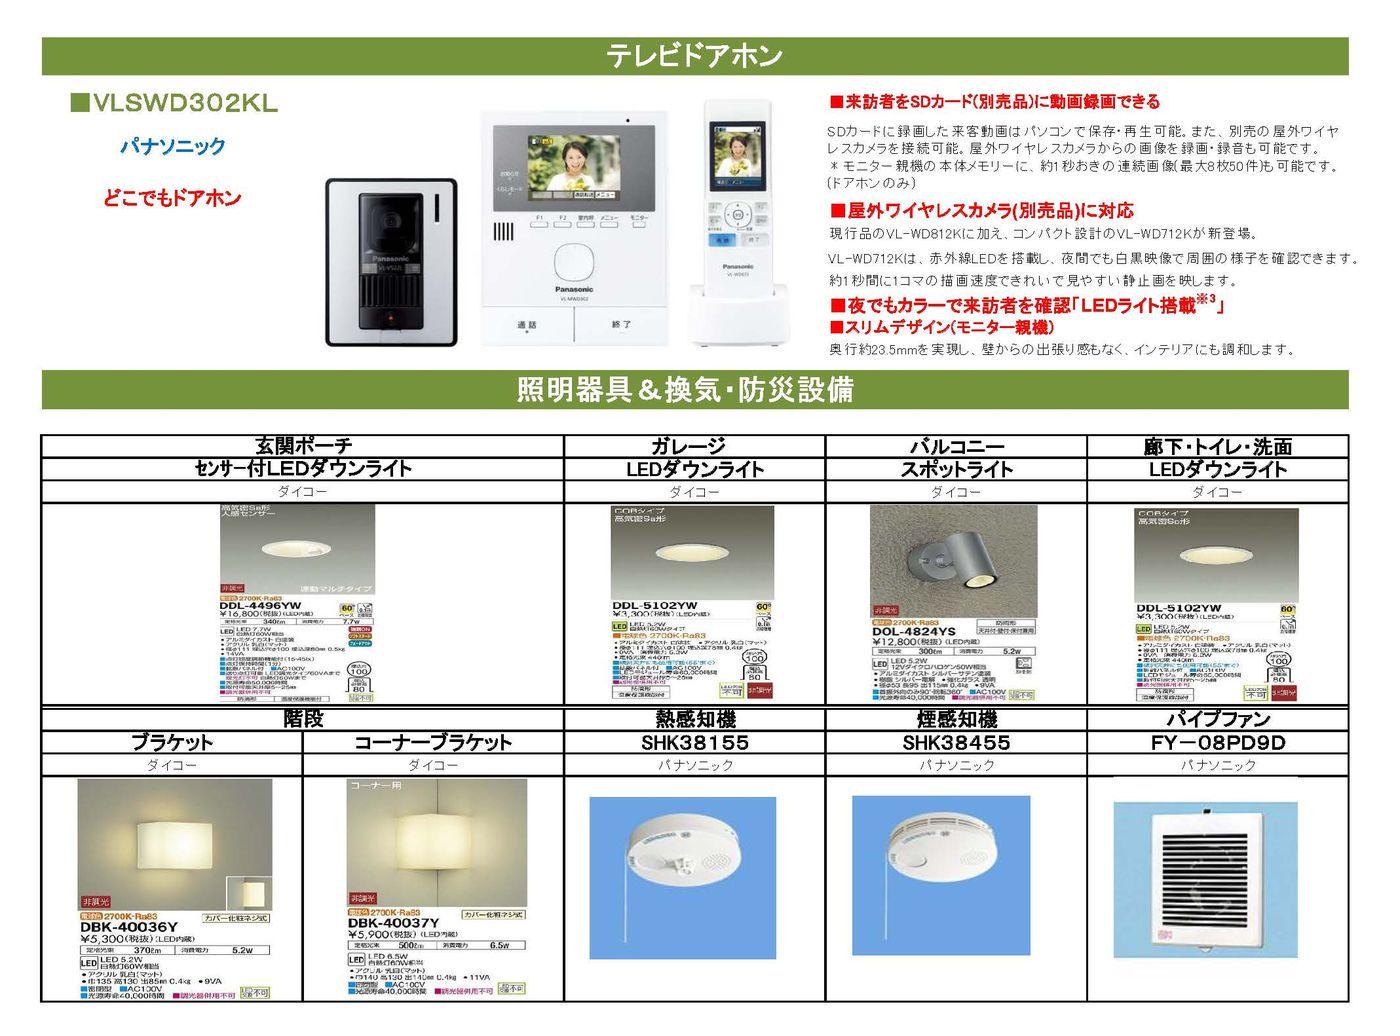 テレビドアホン、照明器具&換気・防災設備